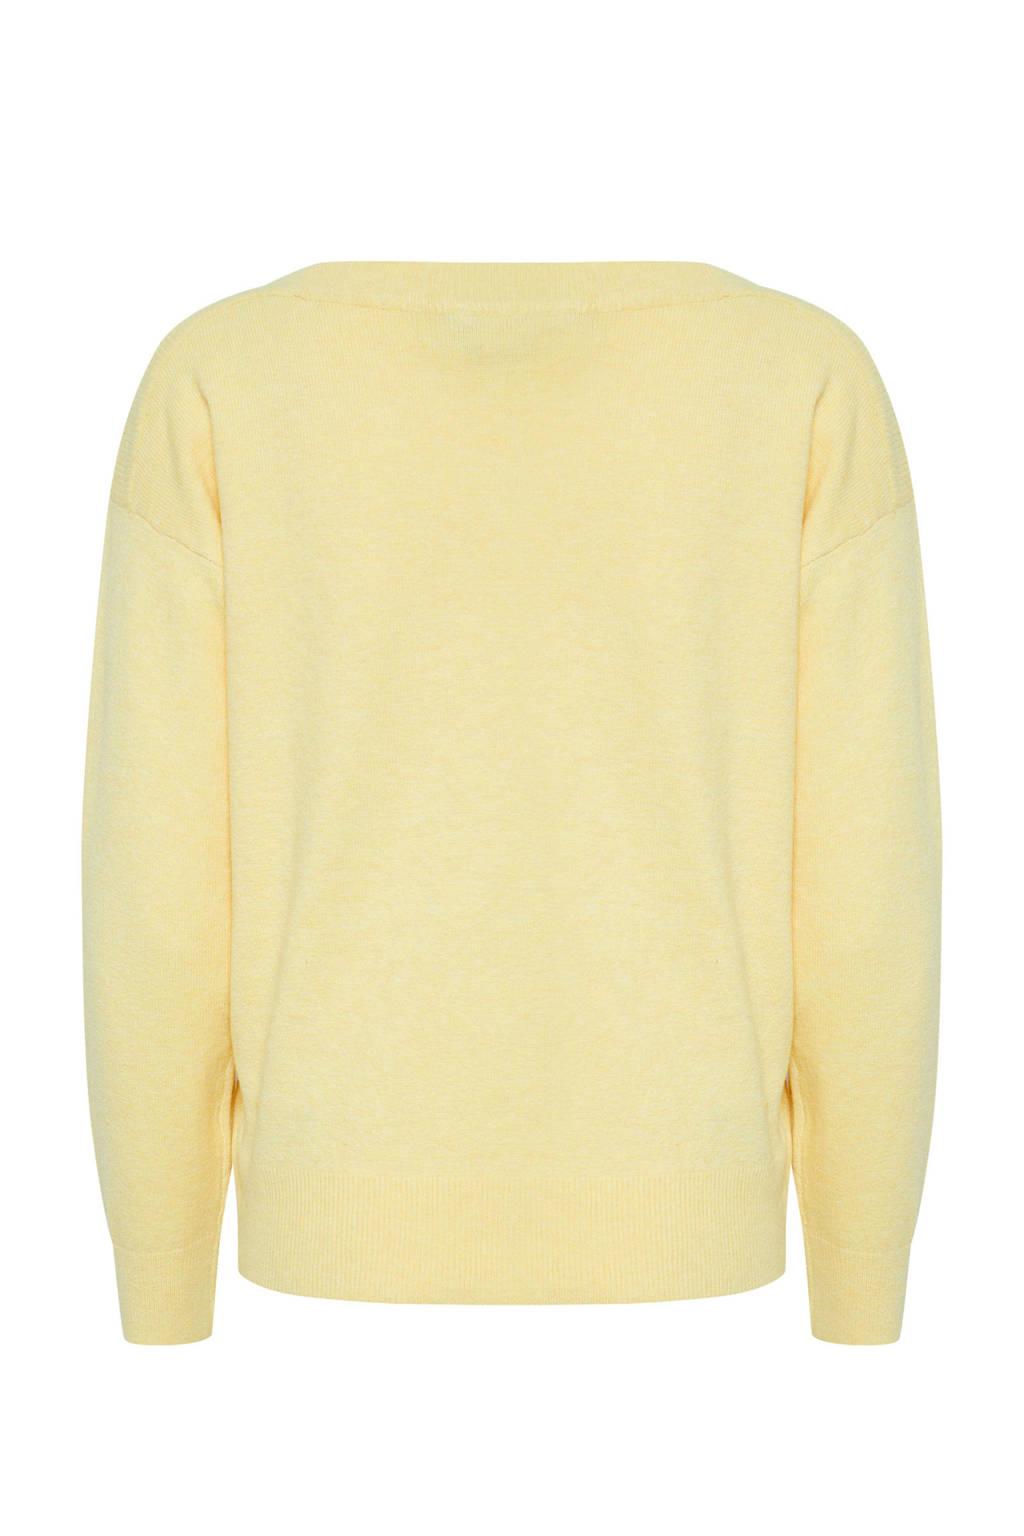 ICHI trui geel, Geel